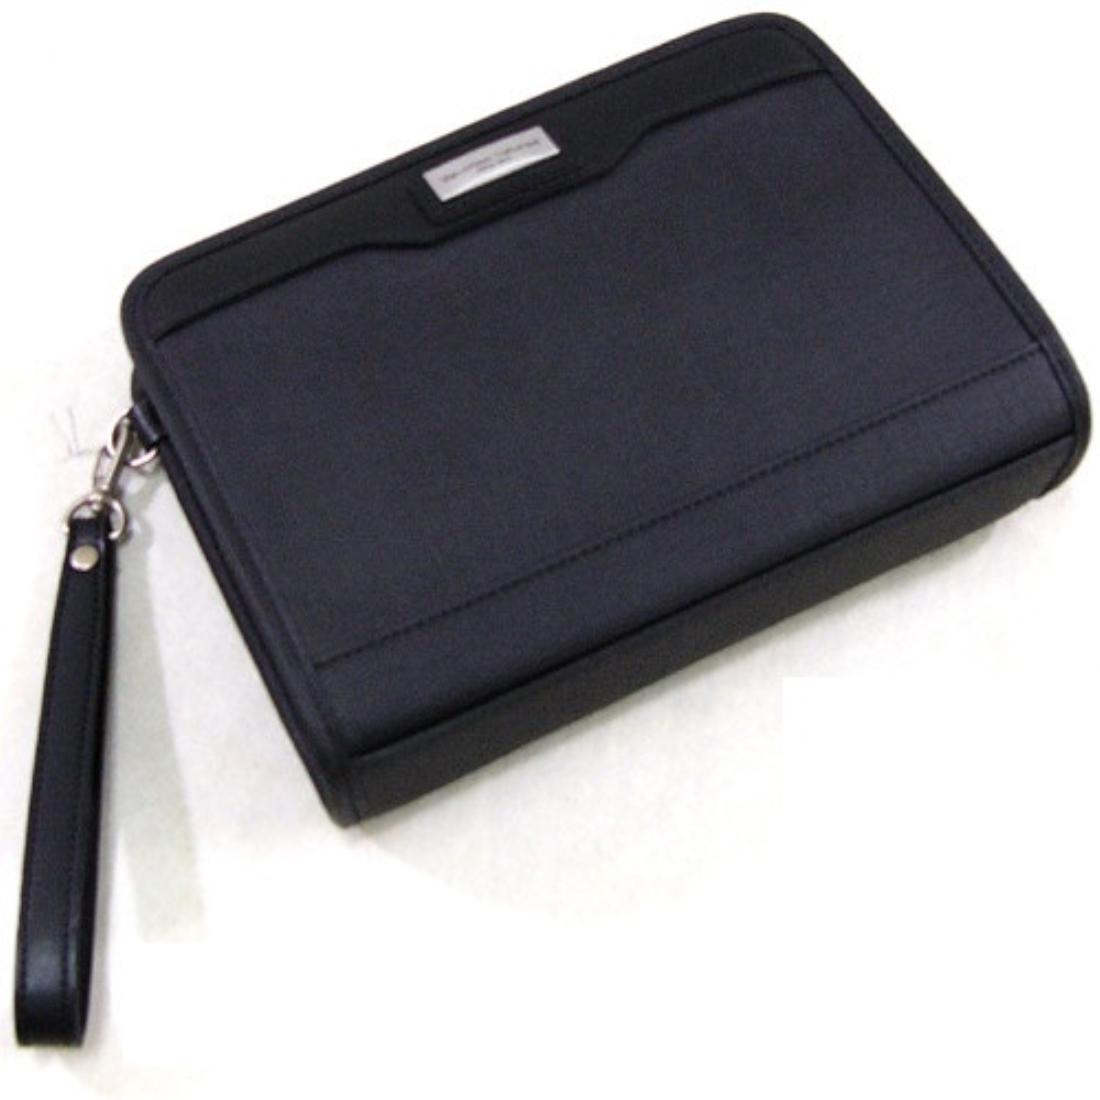 合成皮革フェイクレザー三角ポーチ ブラック 日本製ポーチ 日本 革 鞄 セカンドバック 本革/付属